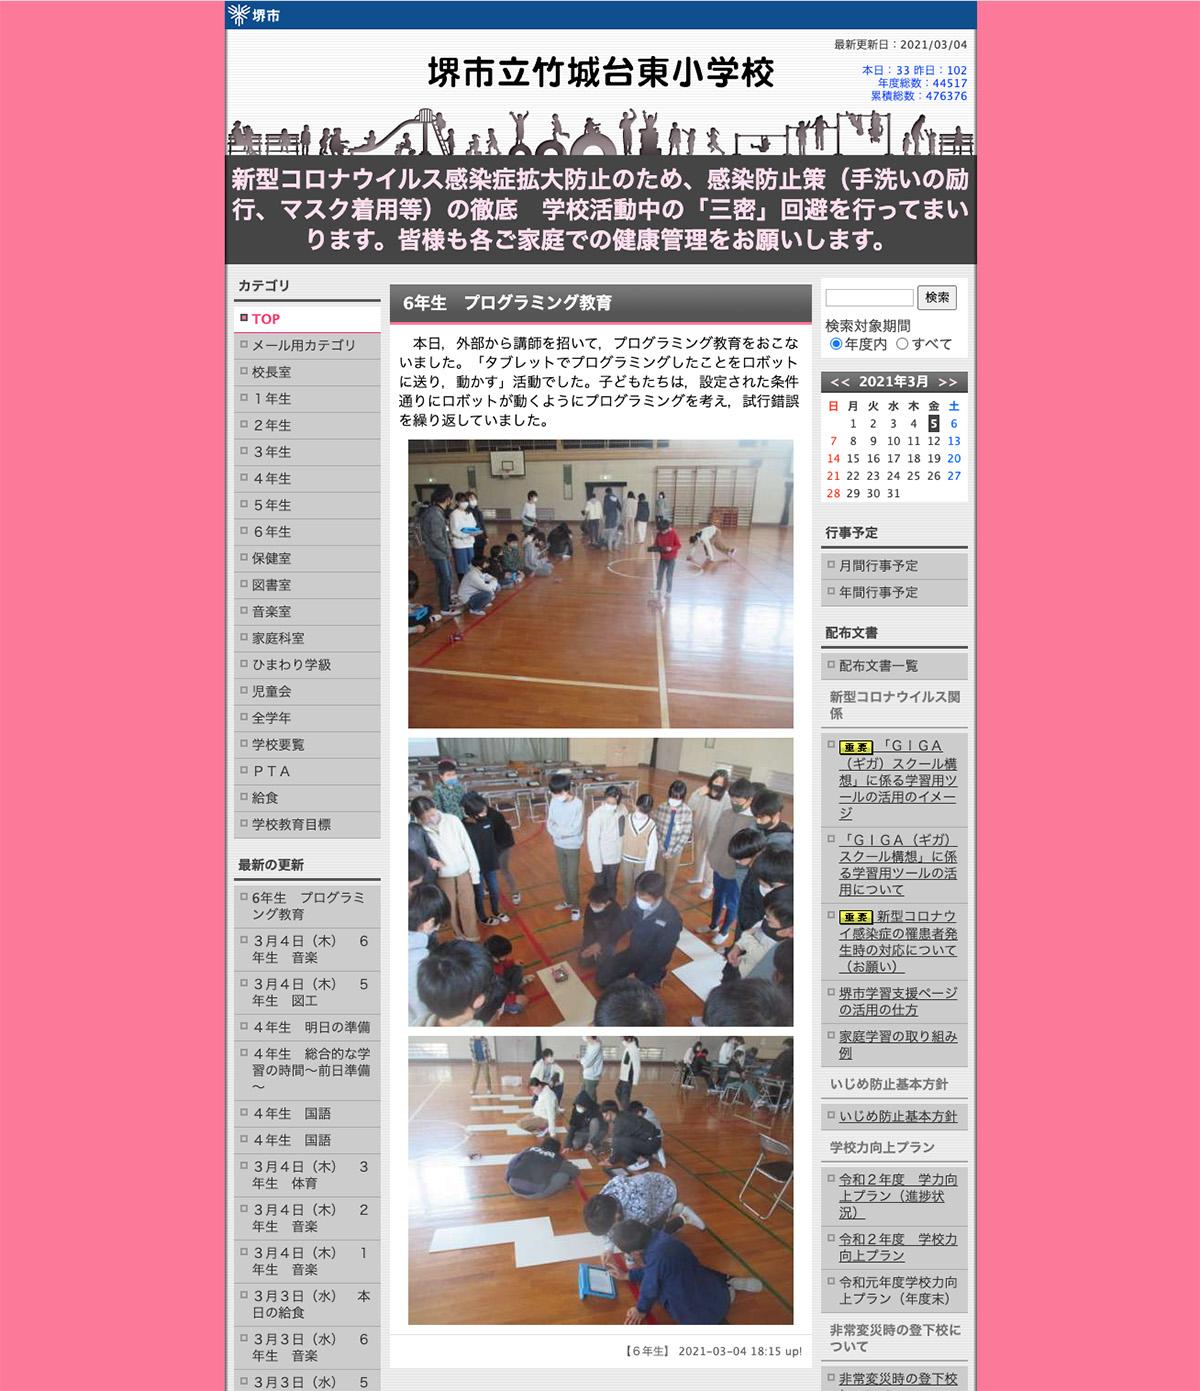 プログラミング出前授業 堺市立竹城台東小学校 ブログ